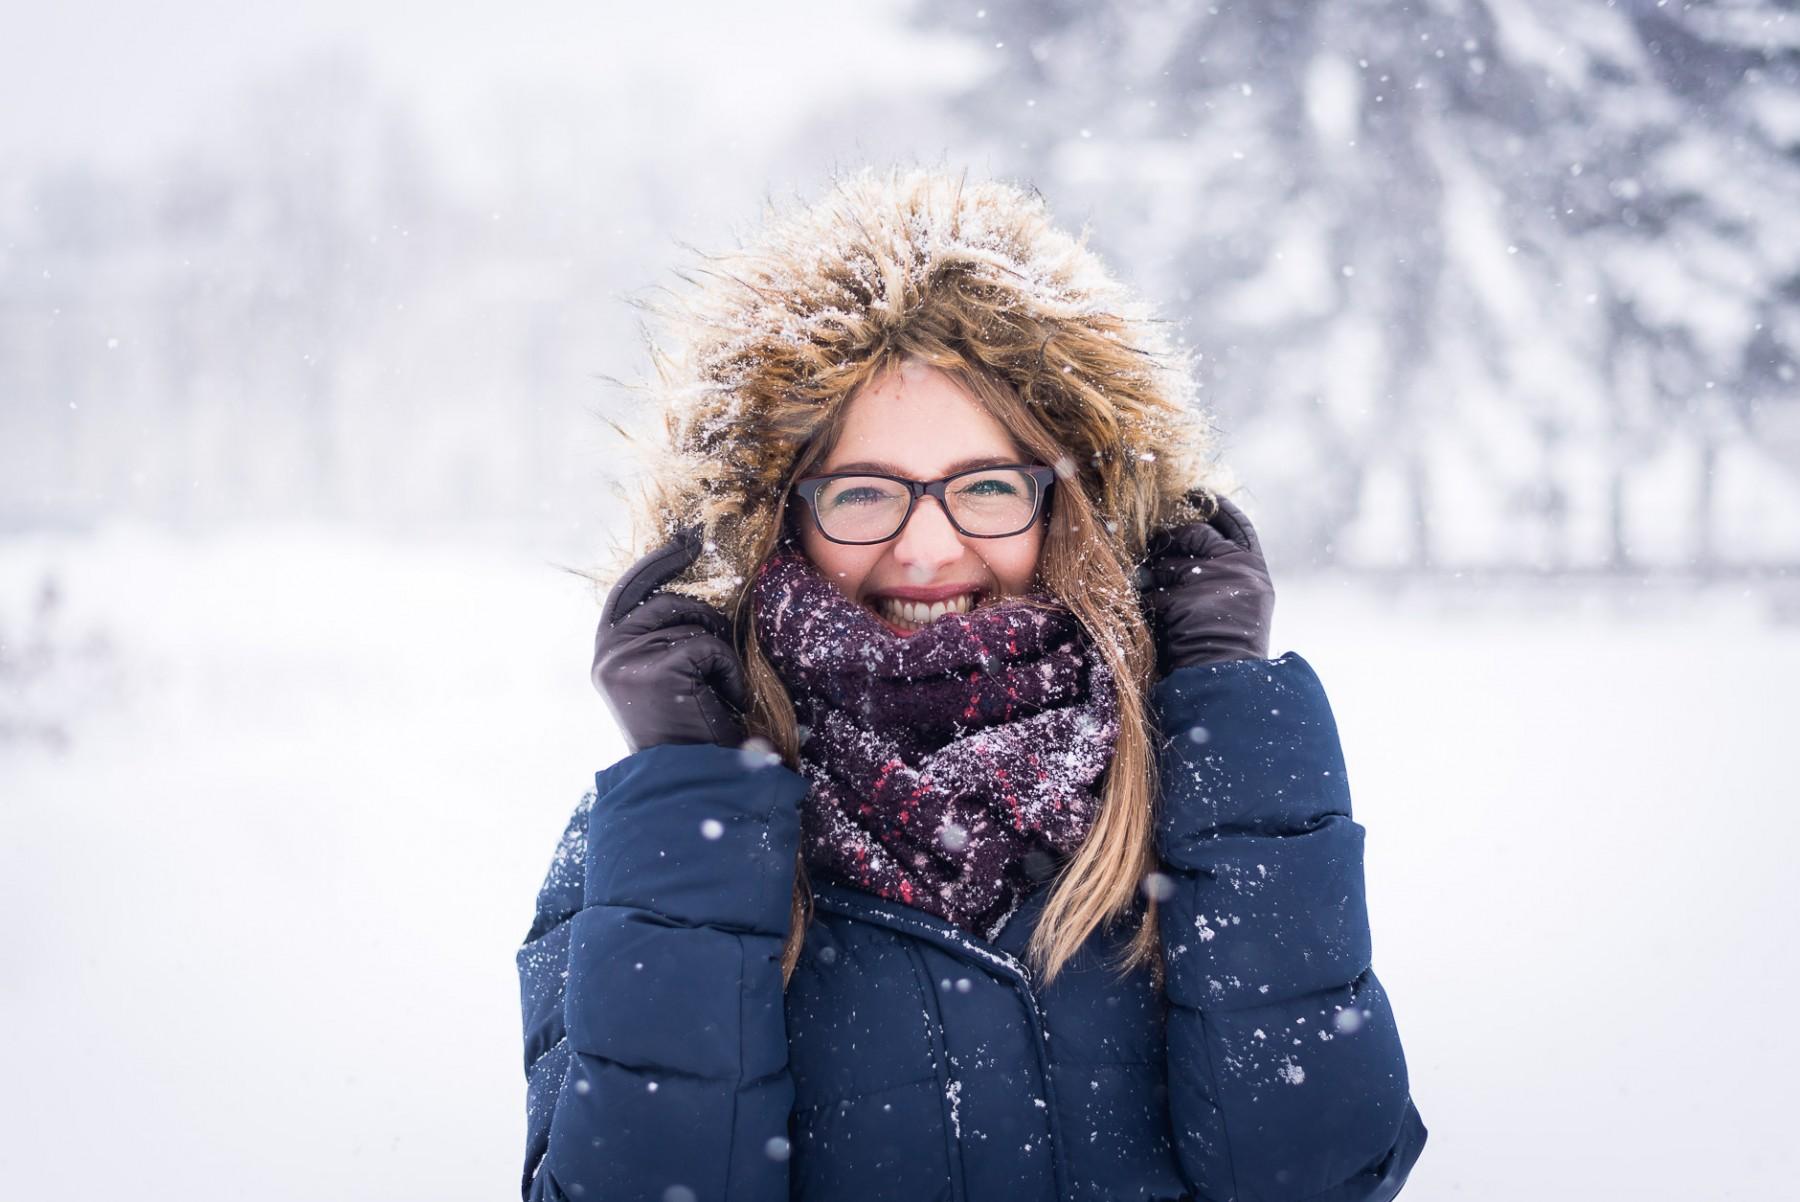 Snowy Riga, Latvia in January